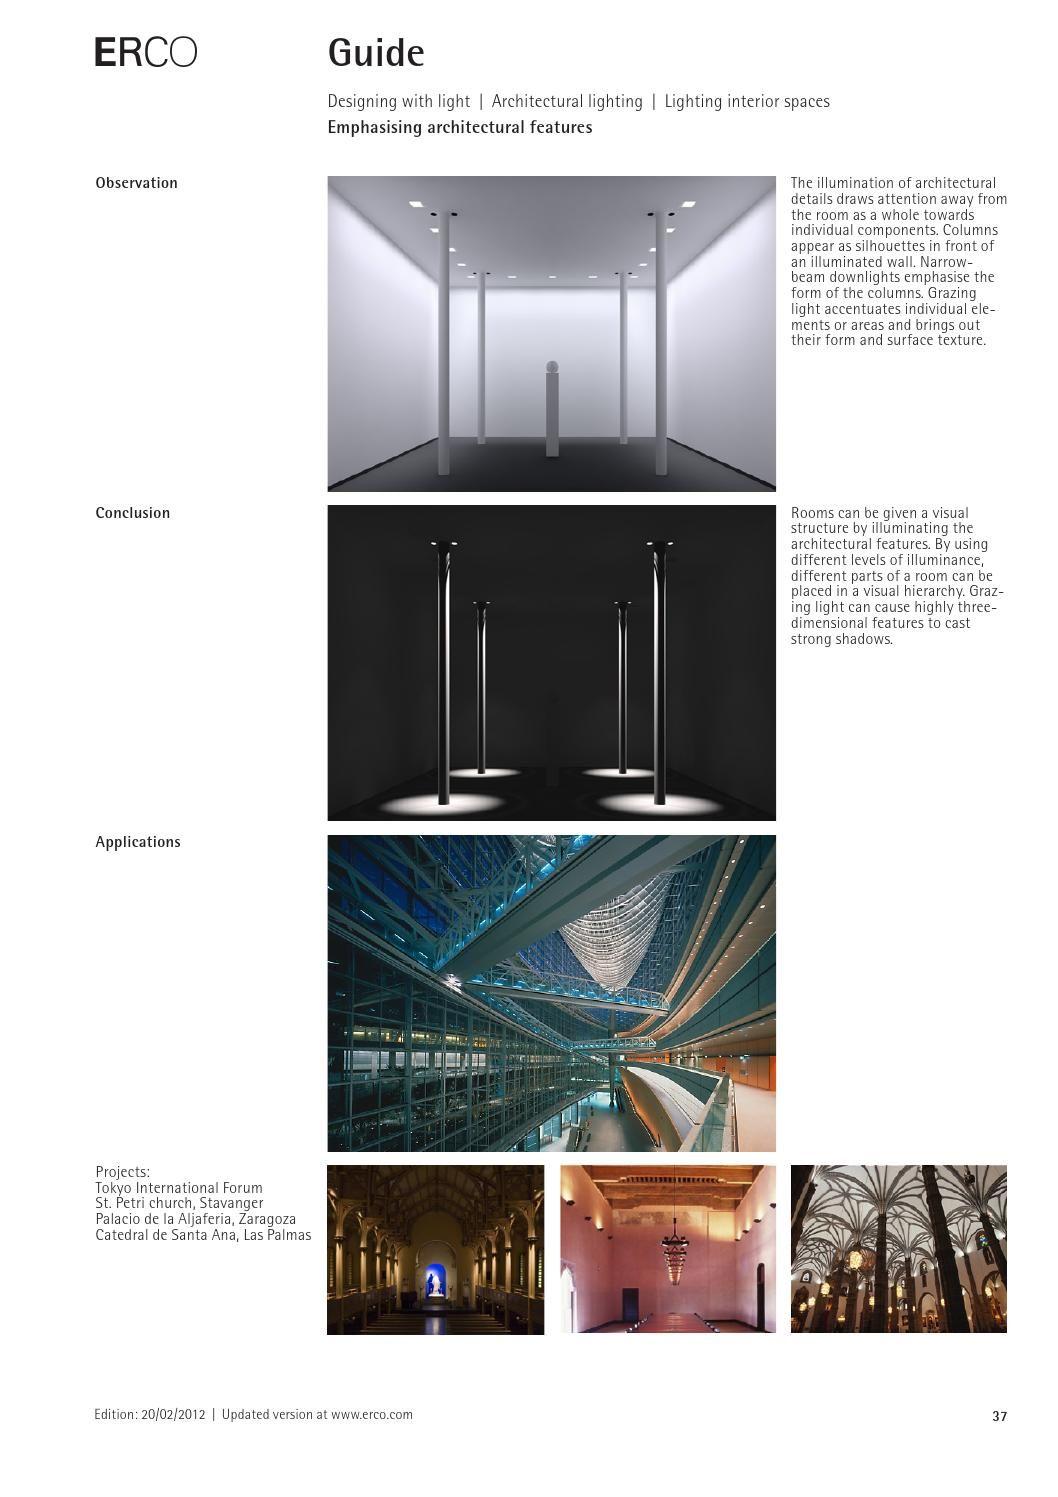 Erco Guide In 2020 Outdoor Lighting Lighting Design Building Design